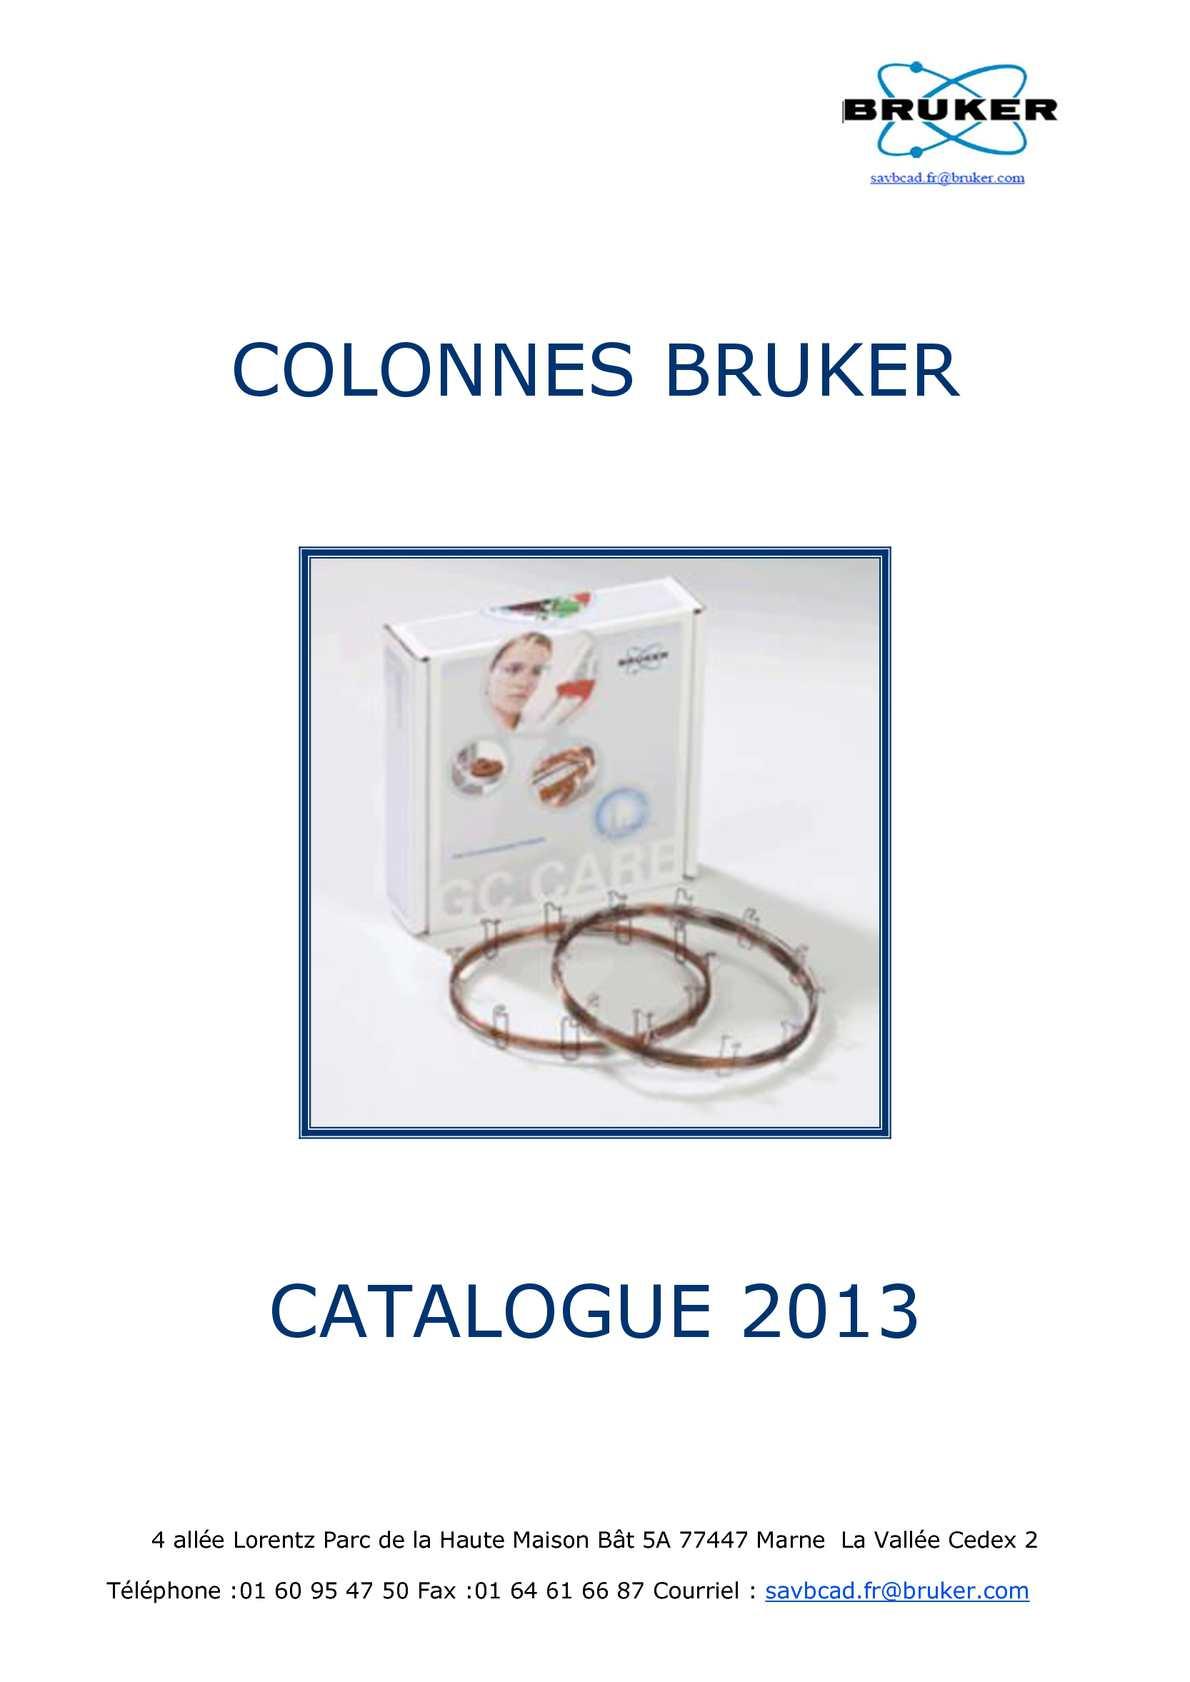 CATALOGUE COLONNES